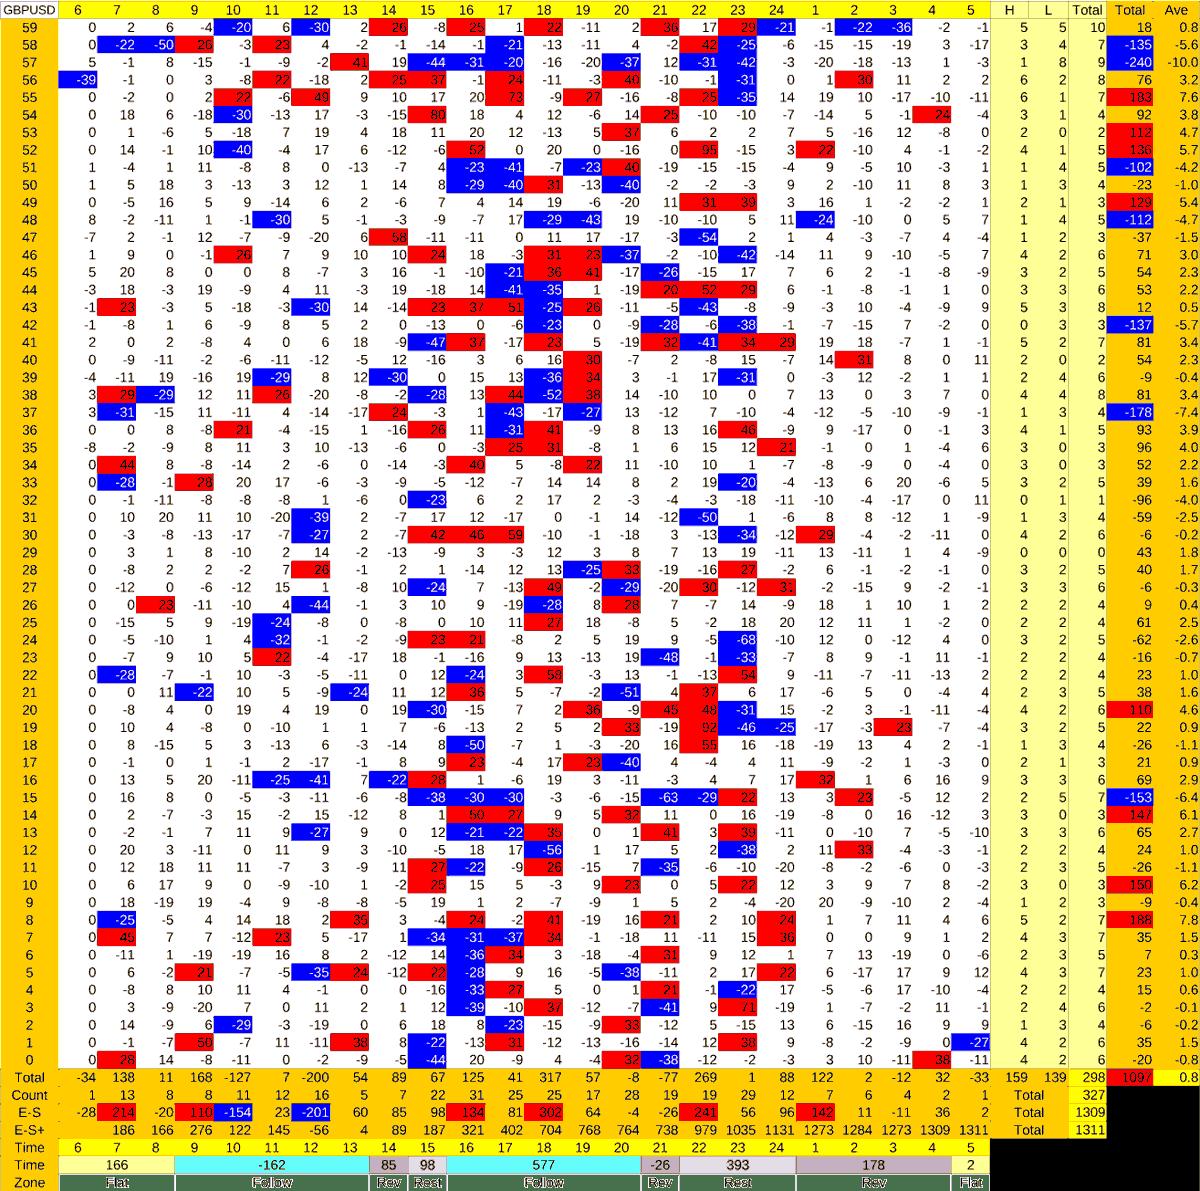 20210621_HS(2)GBPUSD